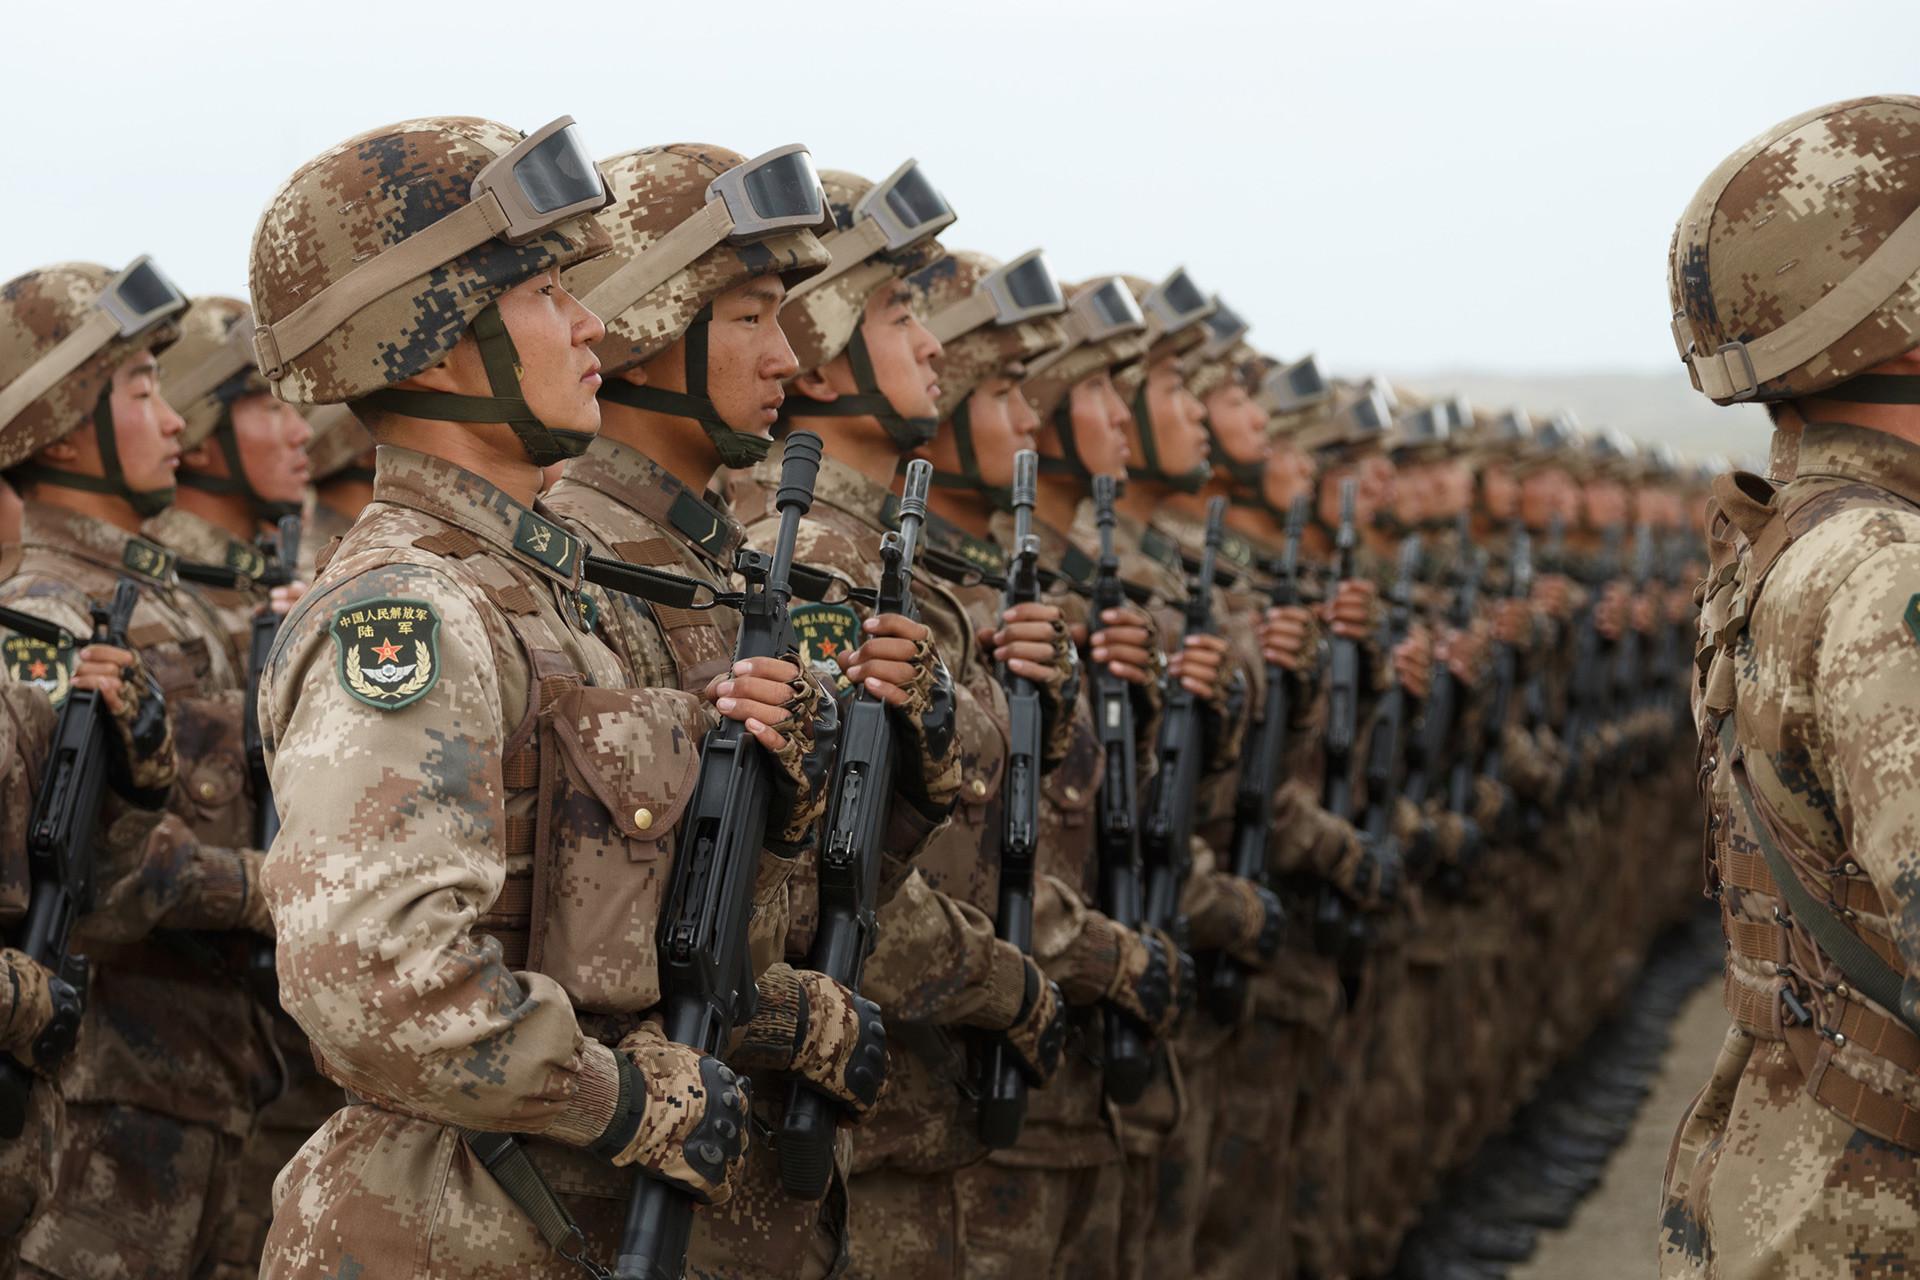 Soldados del Ejército Popular de Liberación chino.